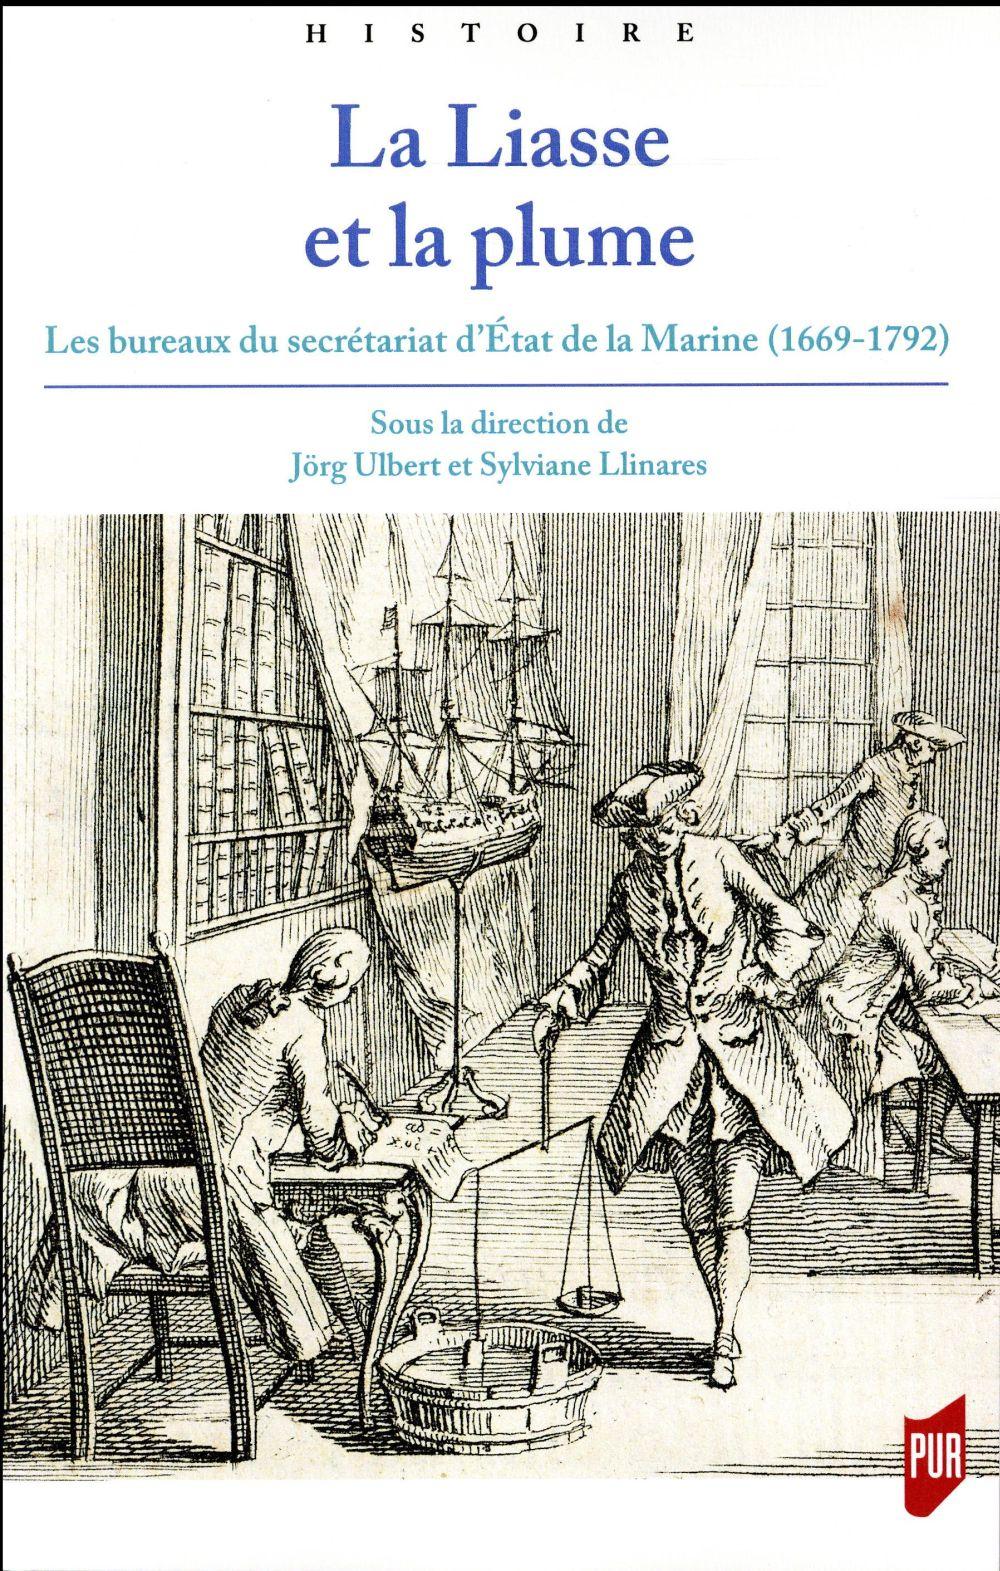 La liasse et la plume ; les bureaux du secrétariat d'Etat de la Marine (1669-1792)